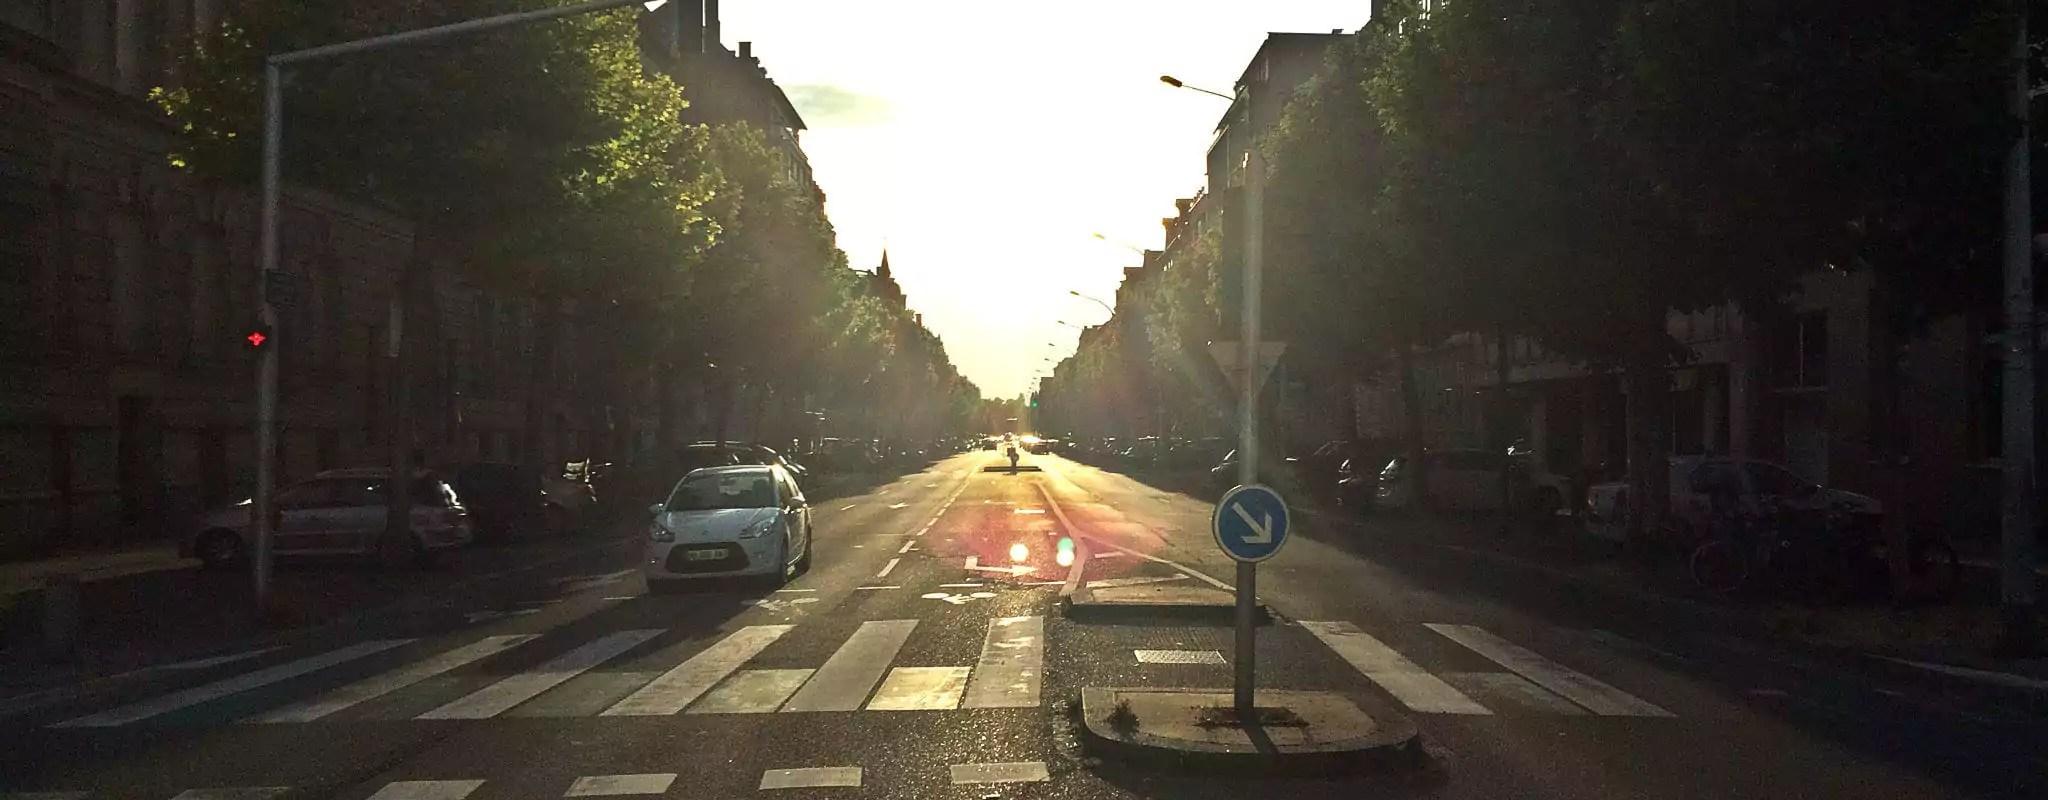 Avec la Vélorution et l'avenue des Vosges, comme un parfum de pré-municipales de 2020